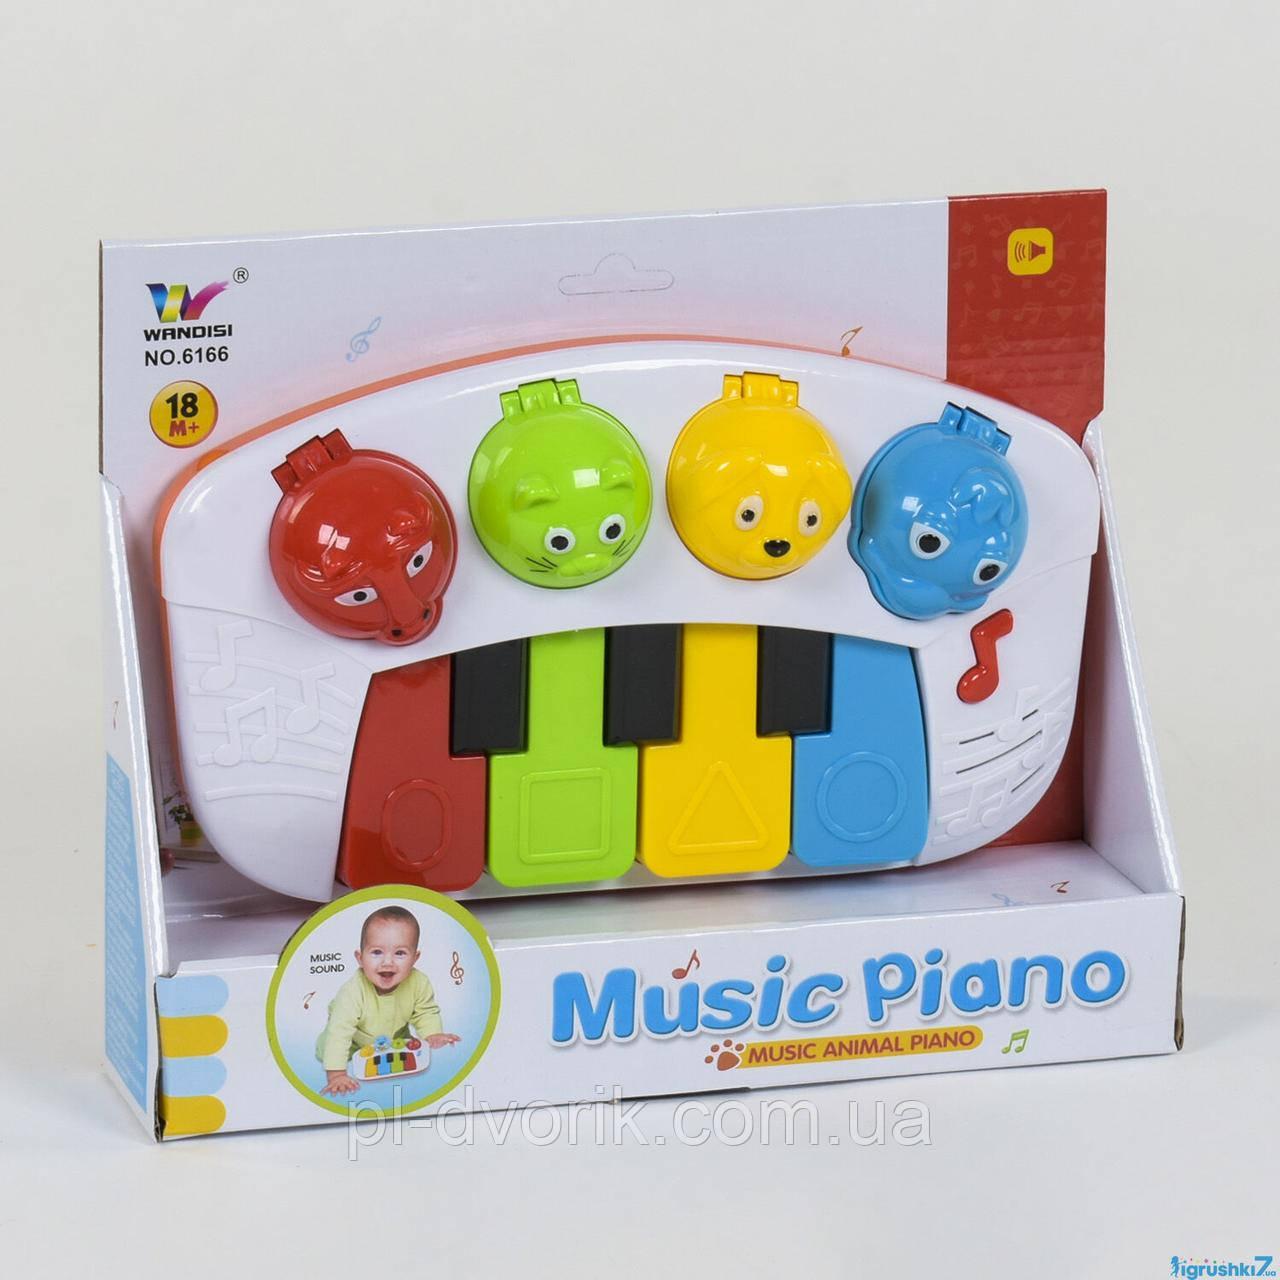 Музыкальное пианино 6166 (48) мелодии, звуки животных, в коробке